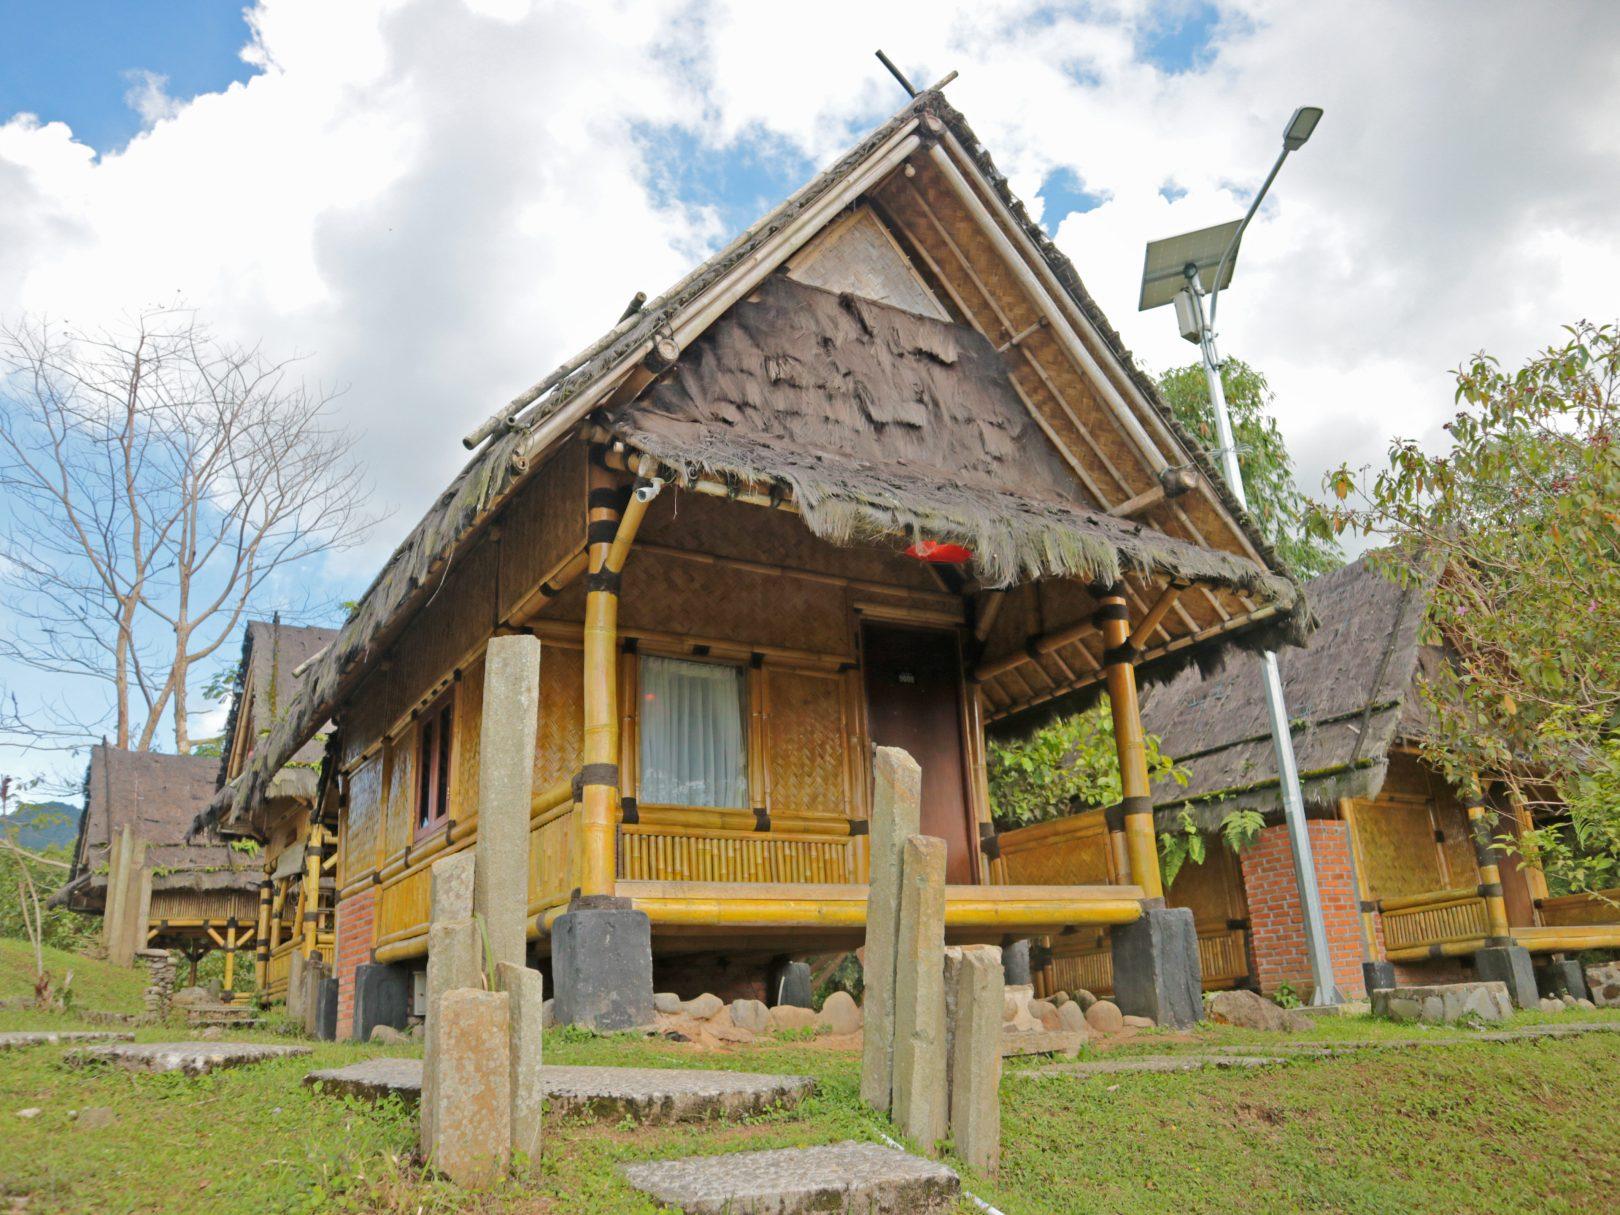 Saung Bapang